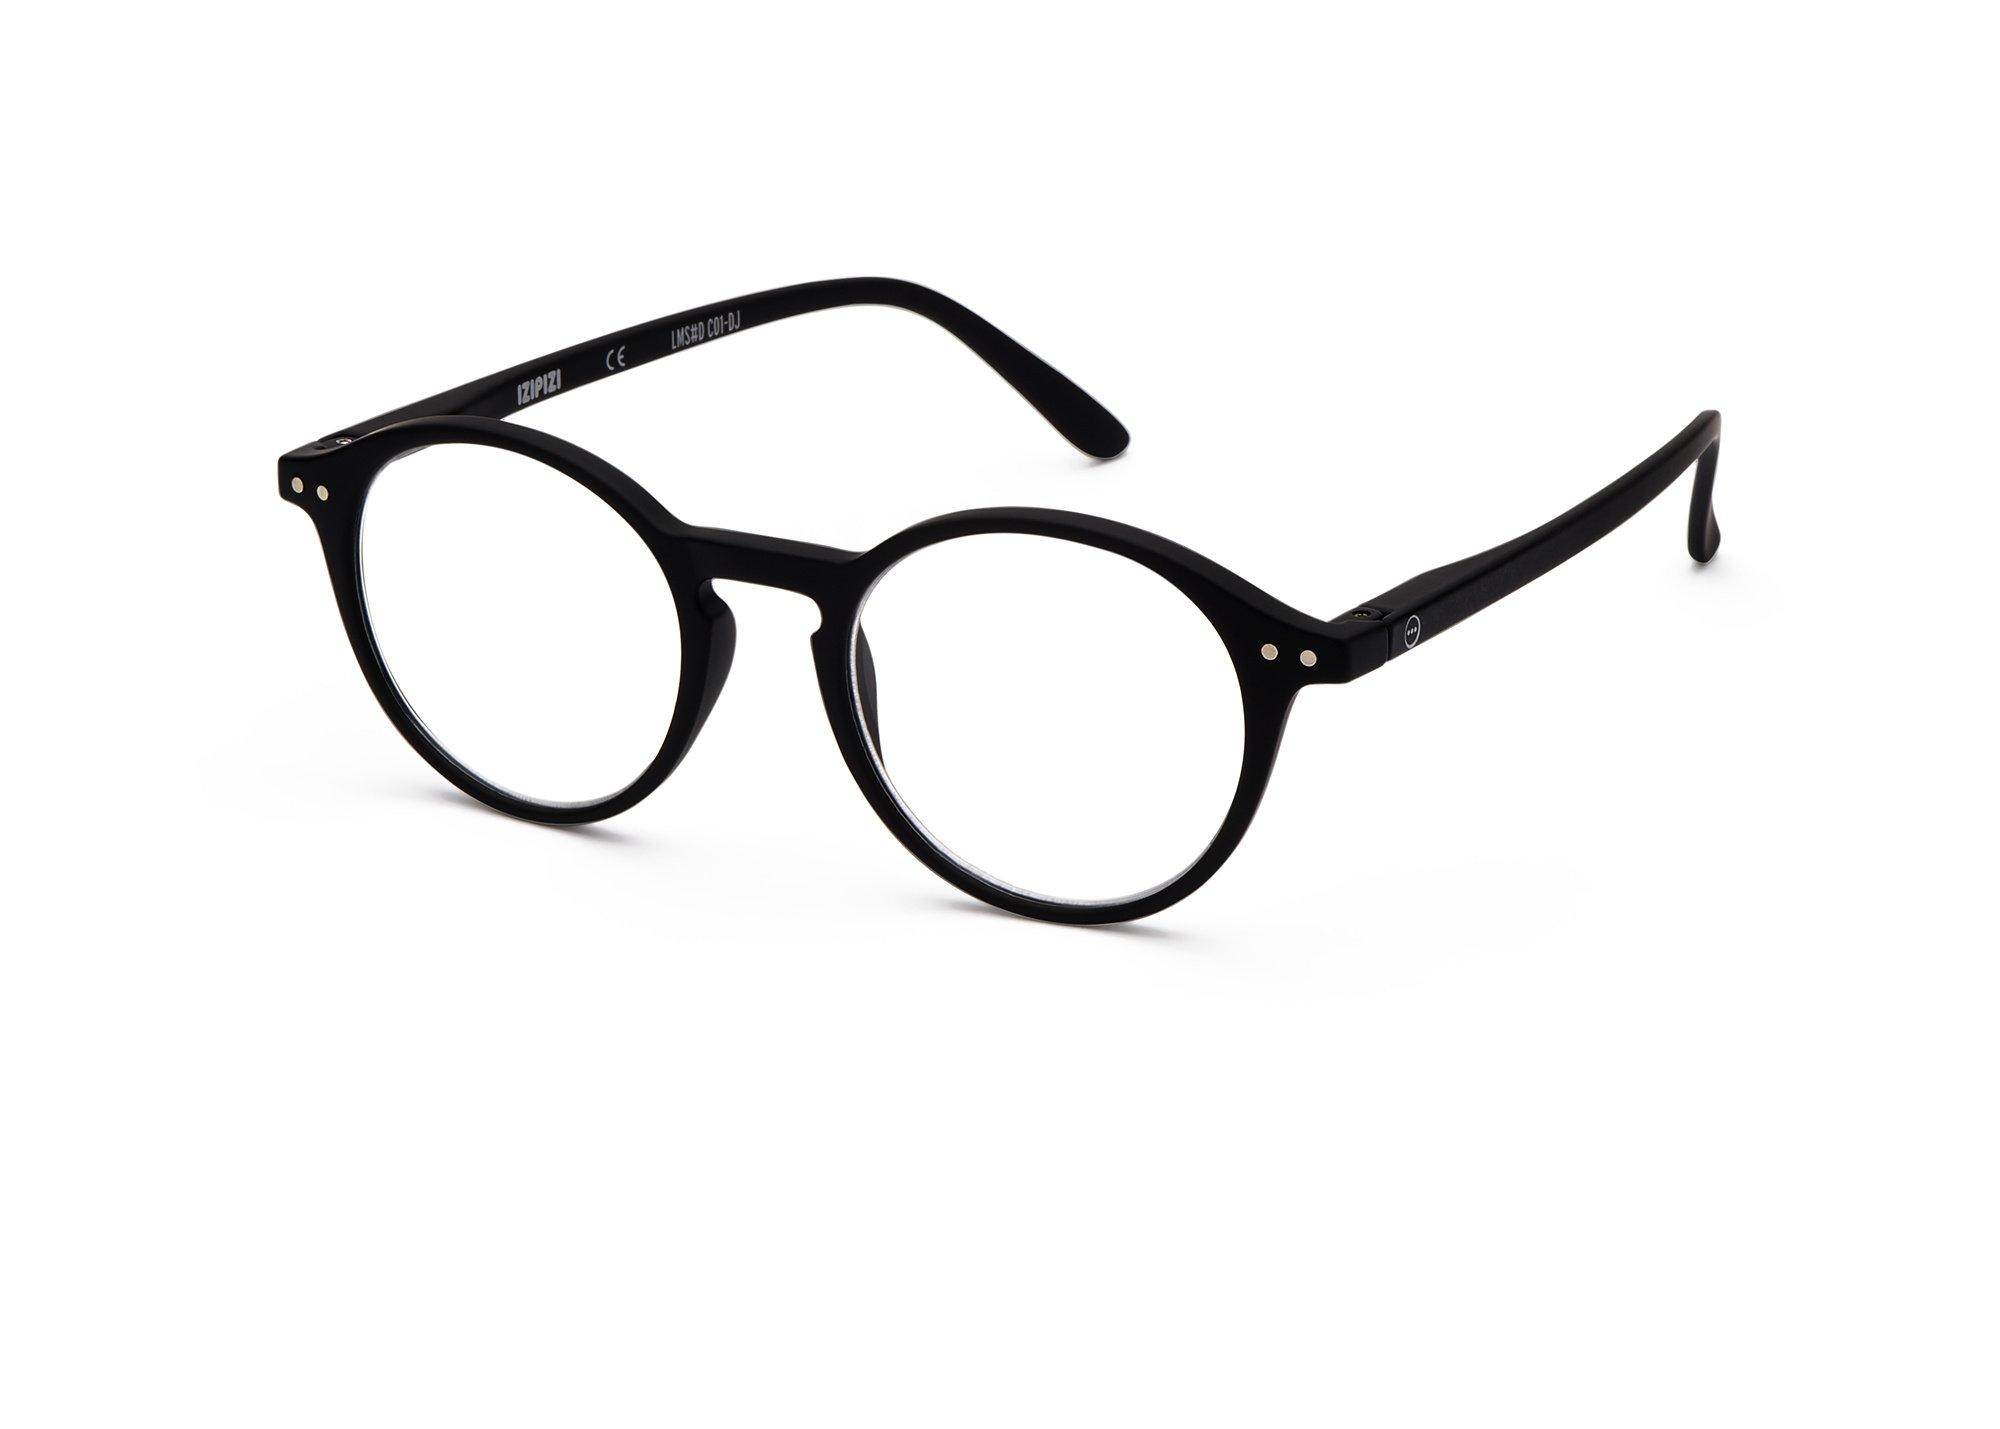 Izipizi leesbril model D Black-3